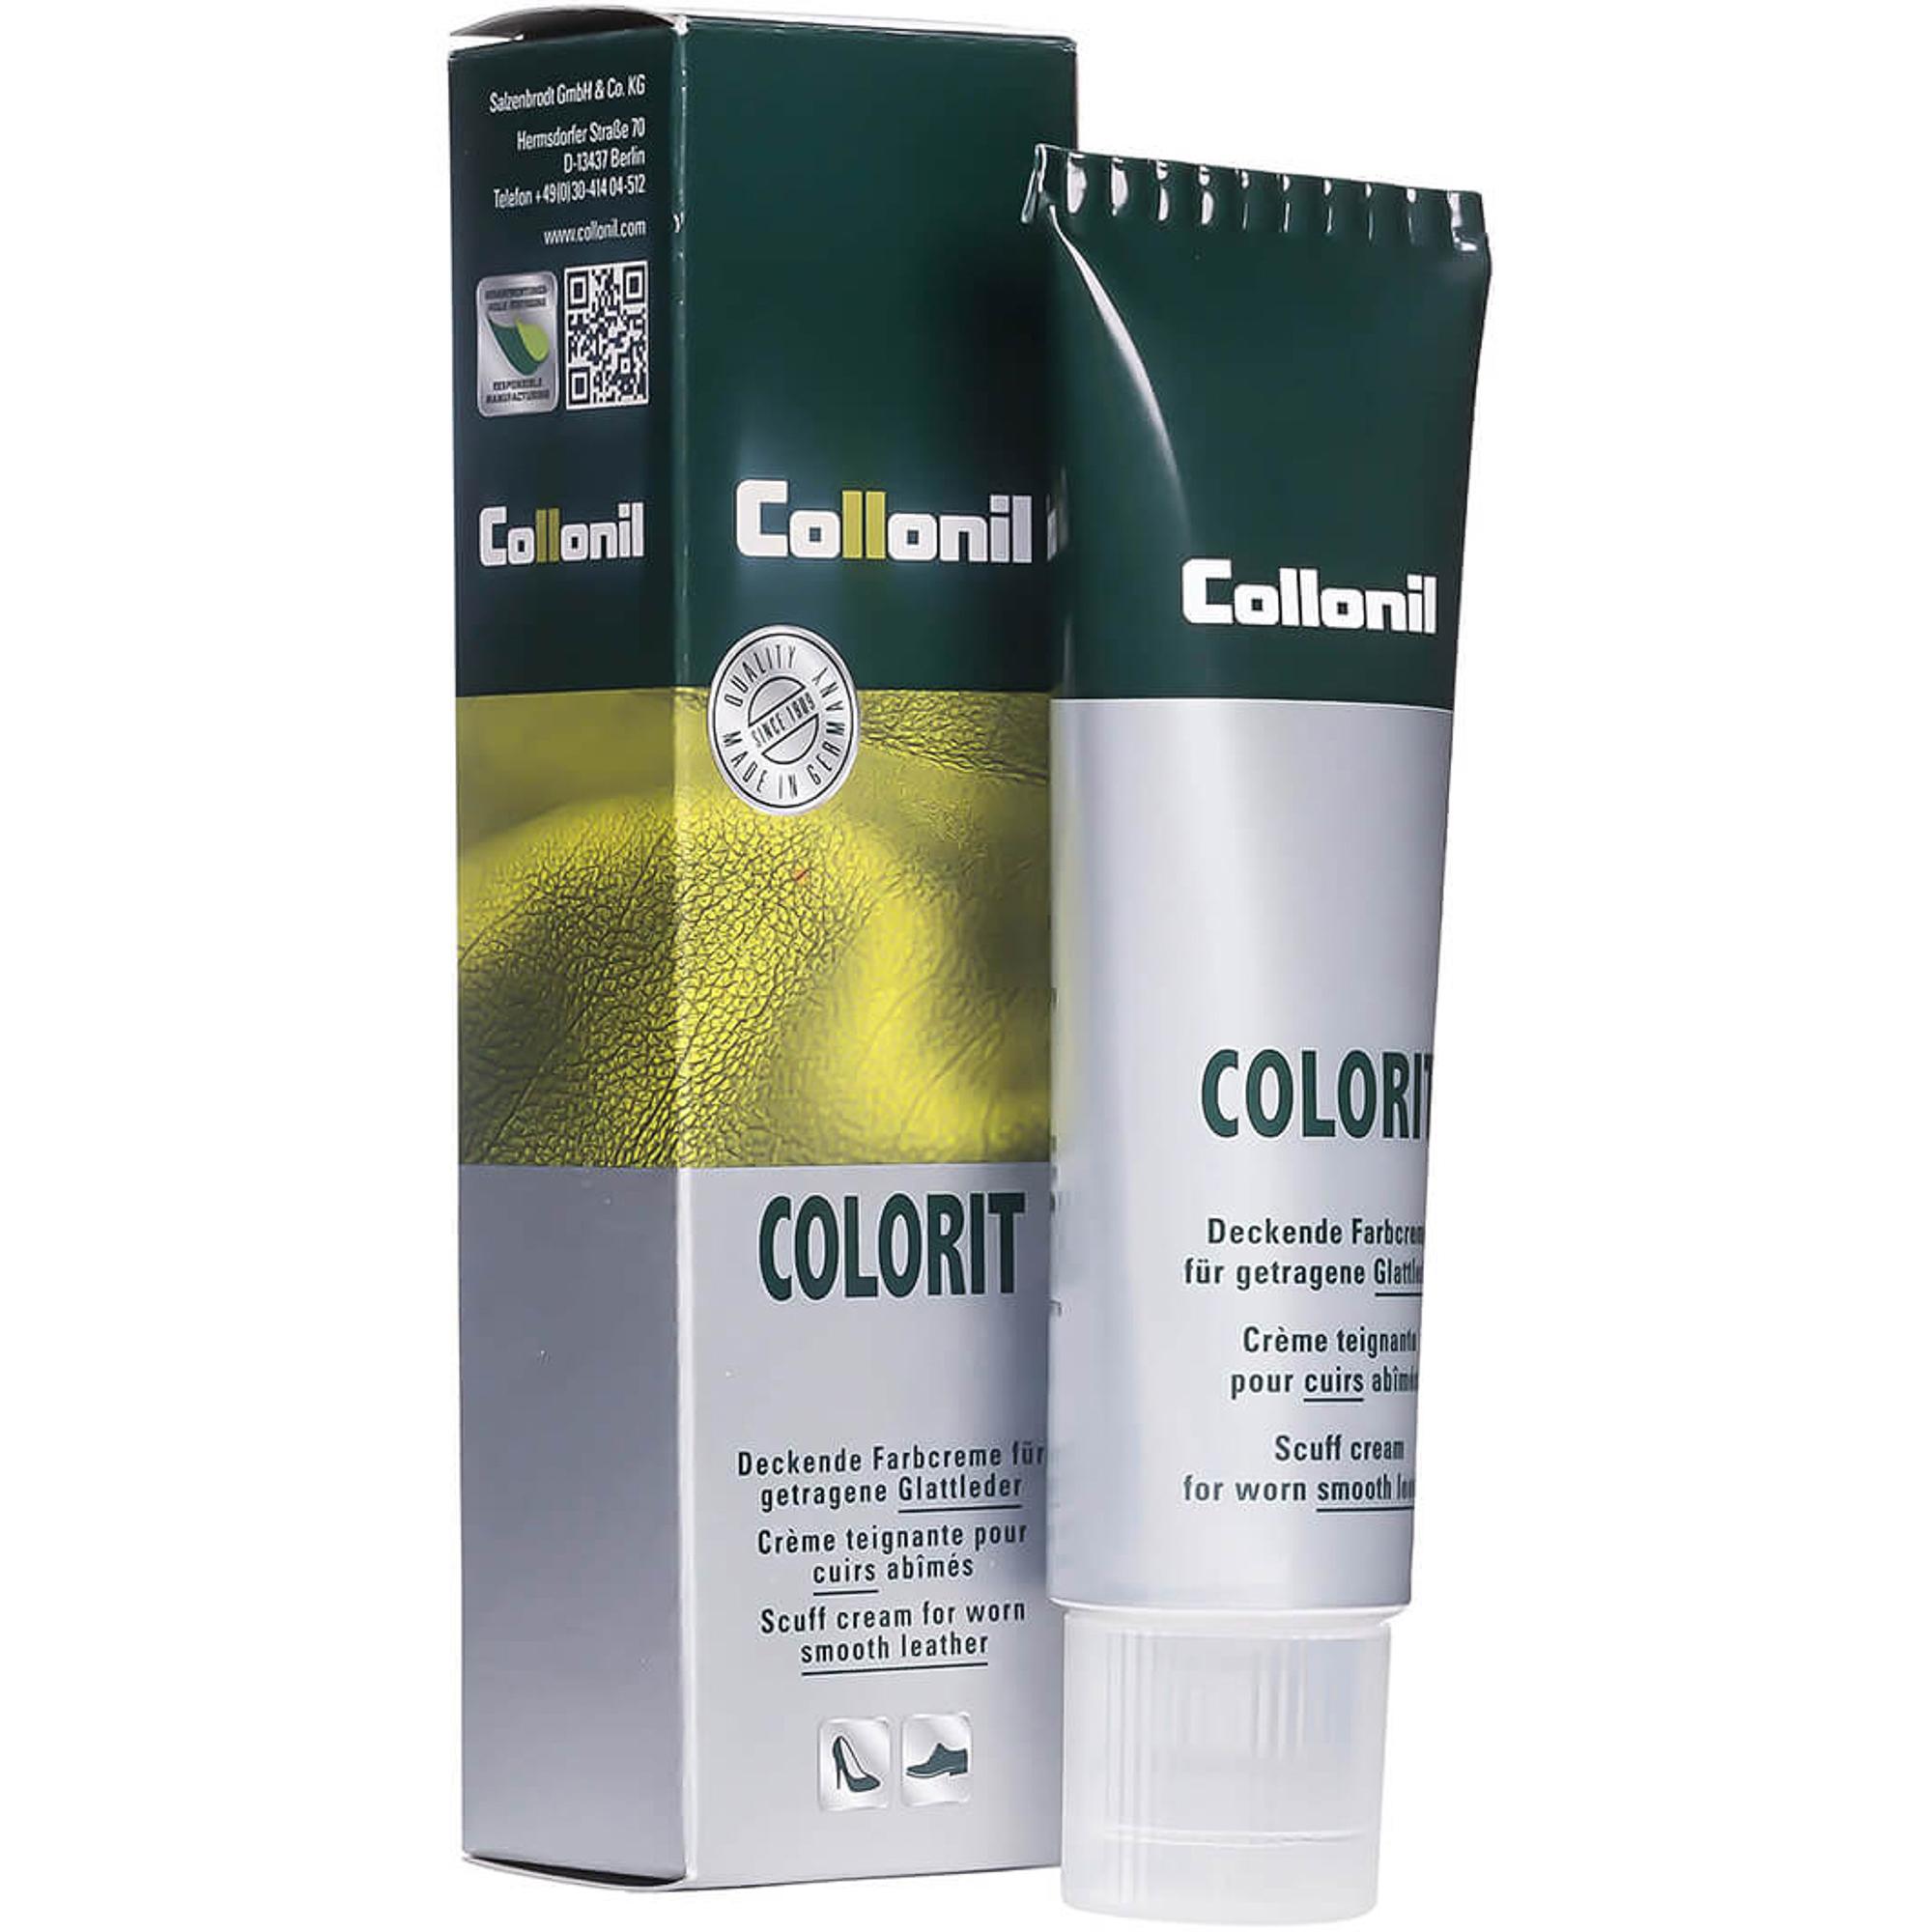 Крем Collonil Colorit черный 75 мл крем collonil colorit tube black